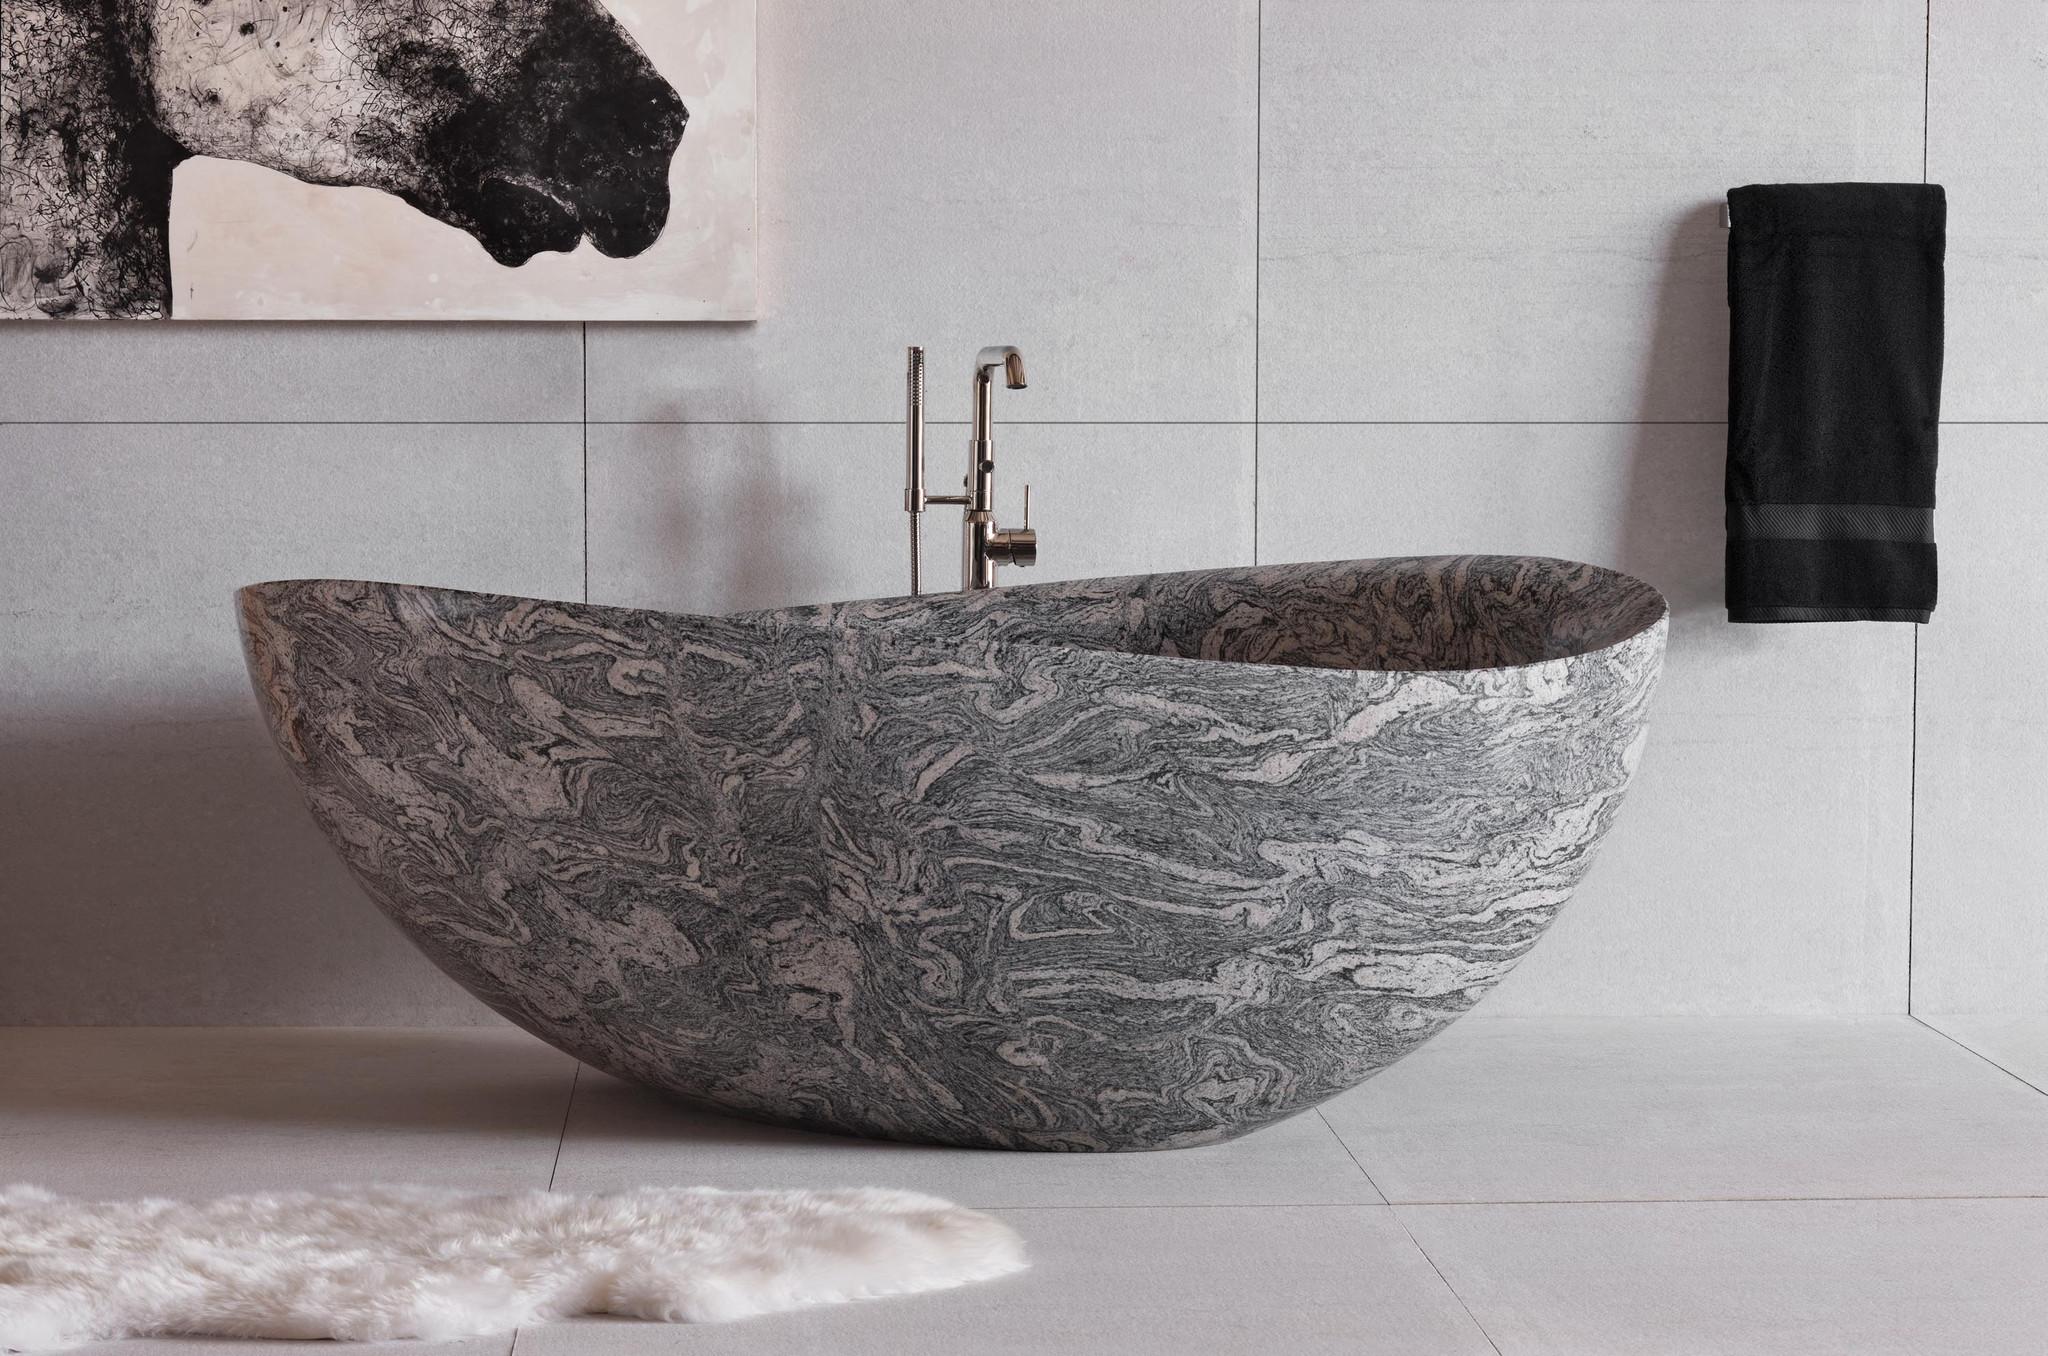 こだわりの浴室・バスタブ (2)